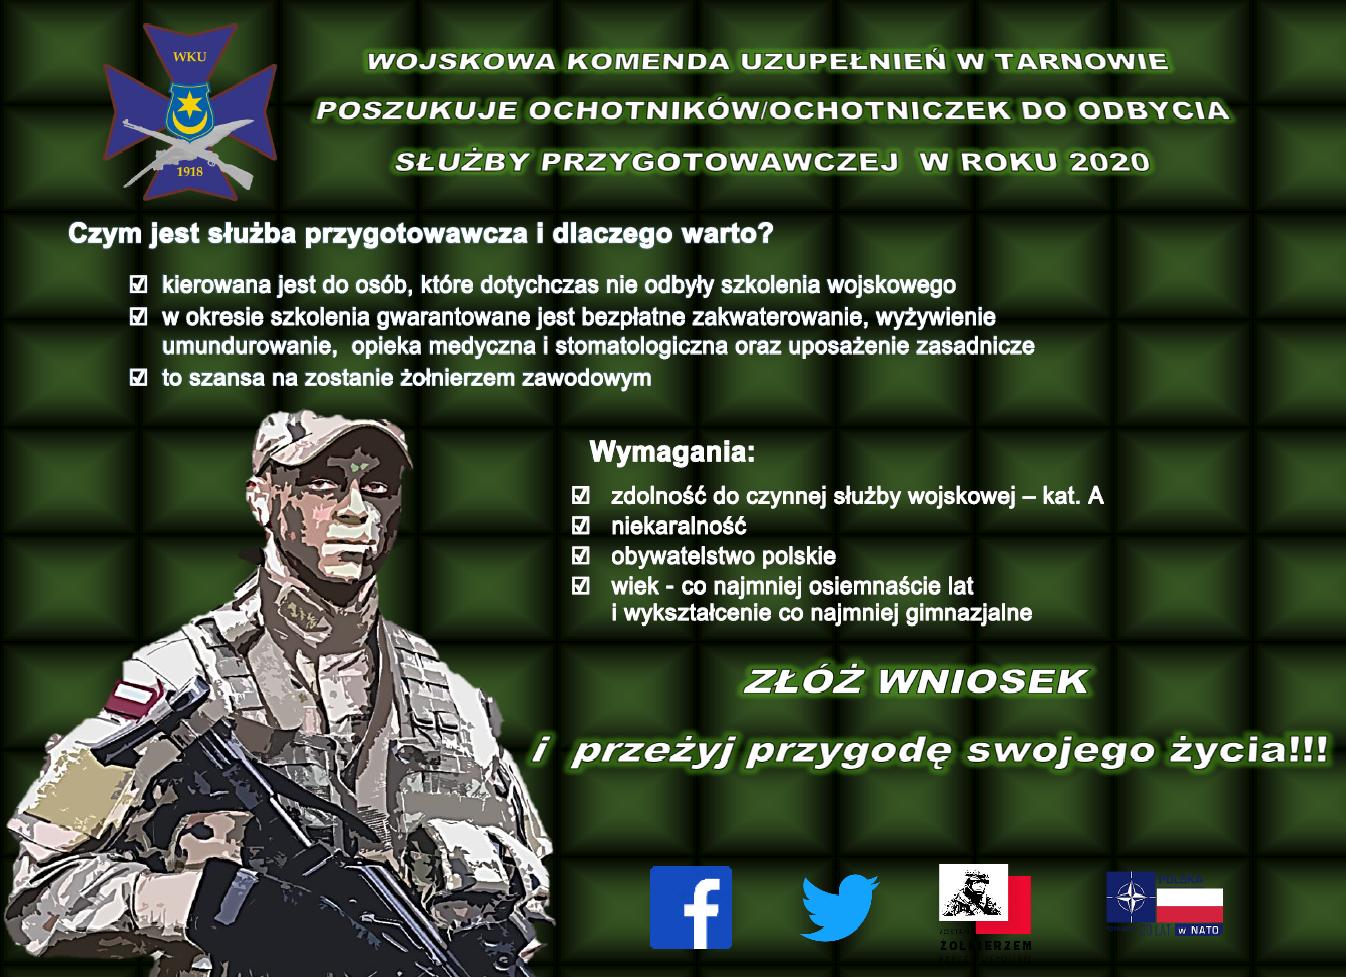 WKU w Tarnowie poszukuje ochotników i ochotniczek do odbycia służby przygotowawczej w roku 2020